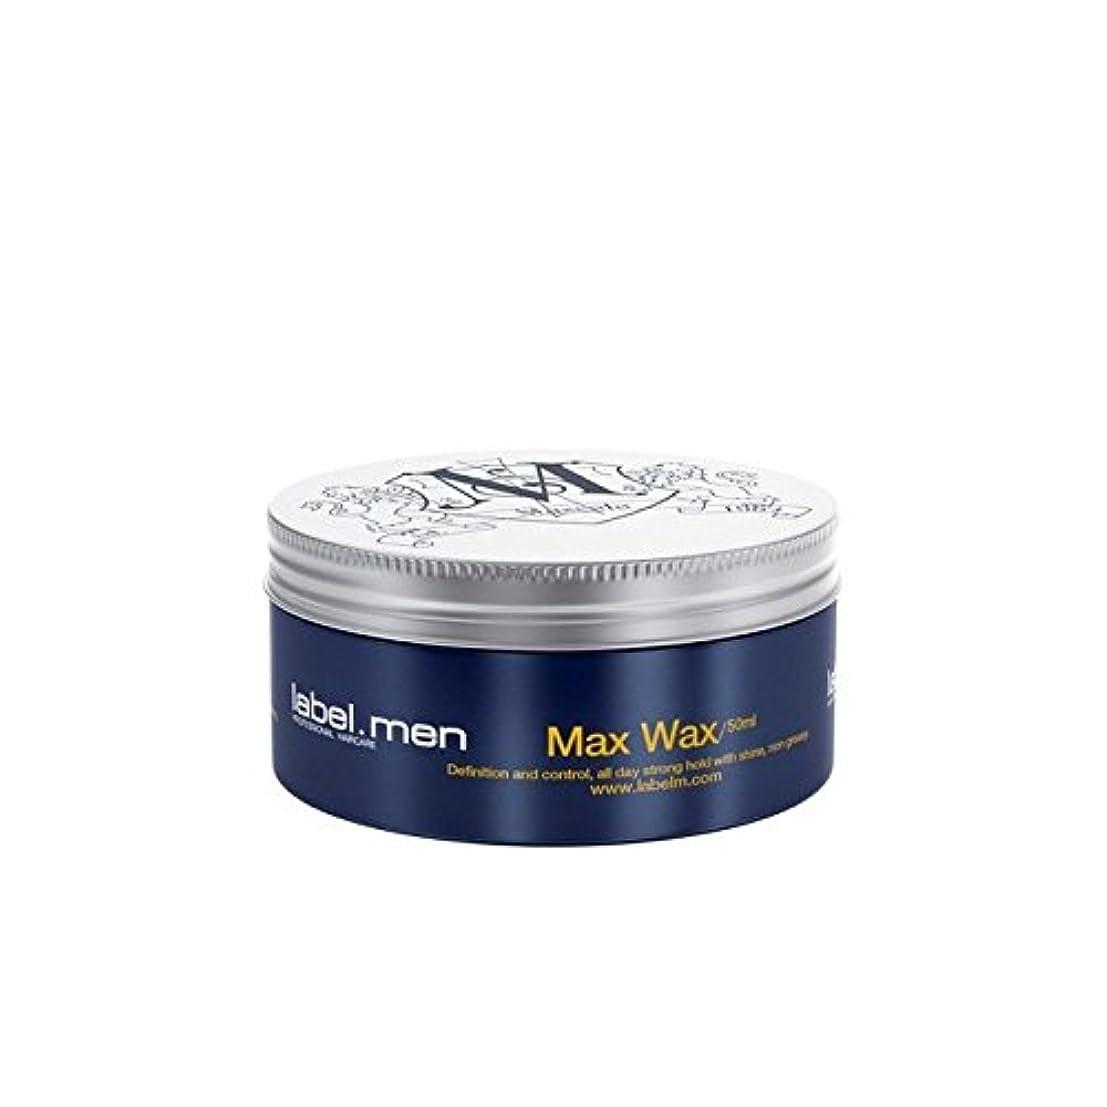 どんよりした熟達した比較的.マックスワックス(50ミリリットル) x2 - Label.Men Max Wax (50ml) (Pack of 2) [並行輸入品]